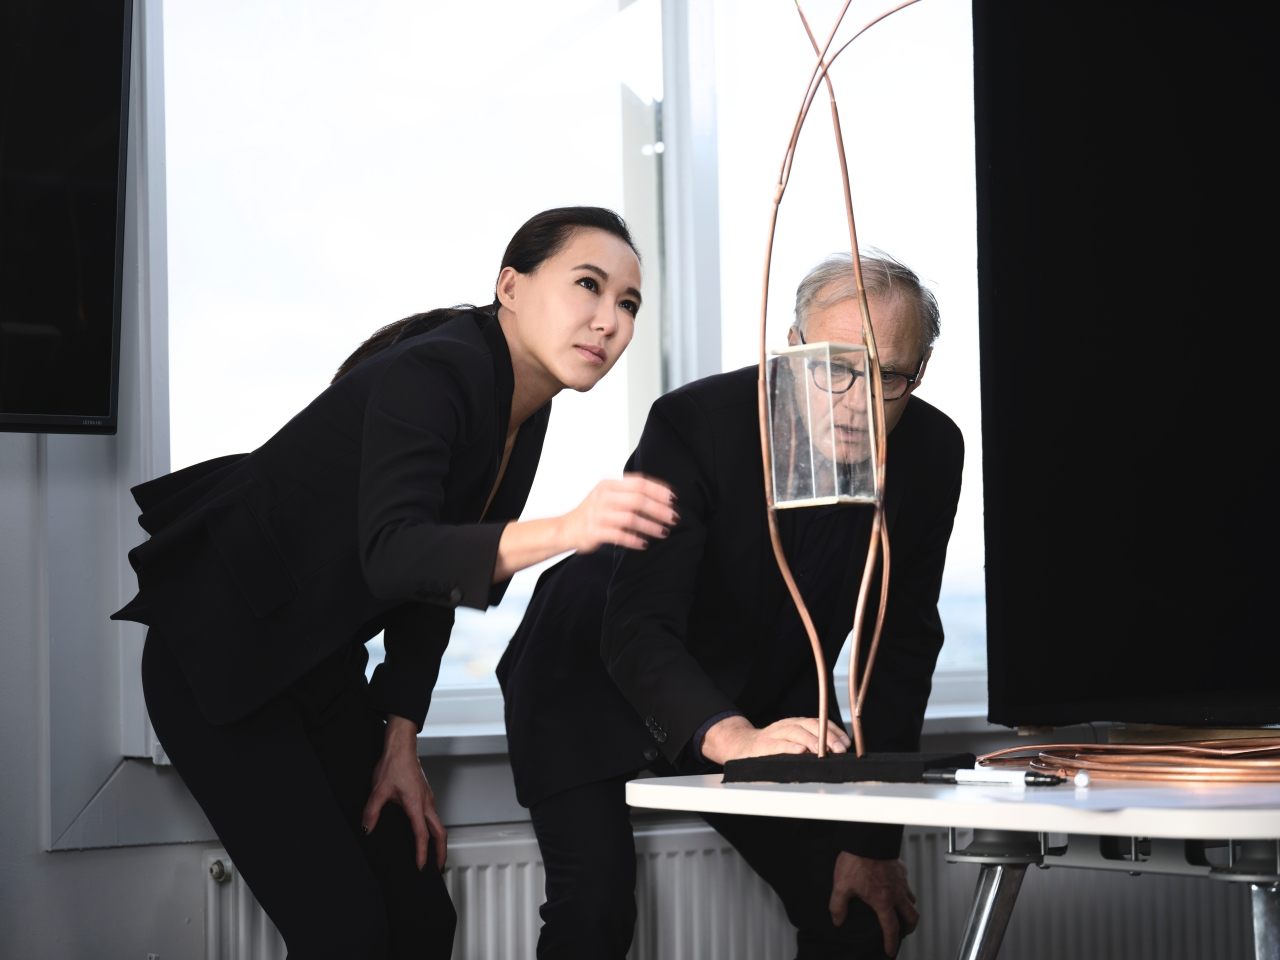 (左)珠寶藝術家Cindy Chao (右)荷蘭國寶級建築師Tom Postma